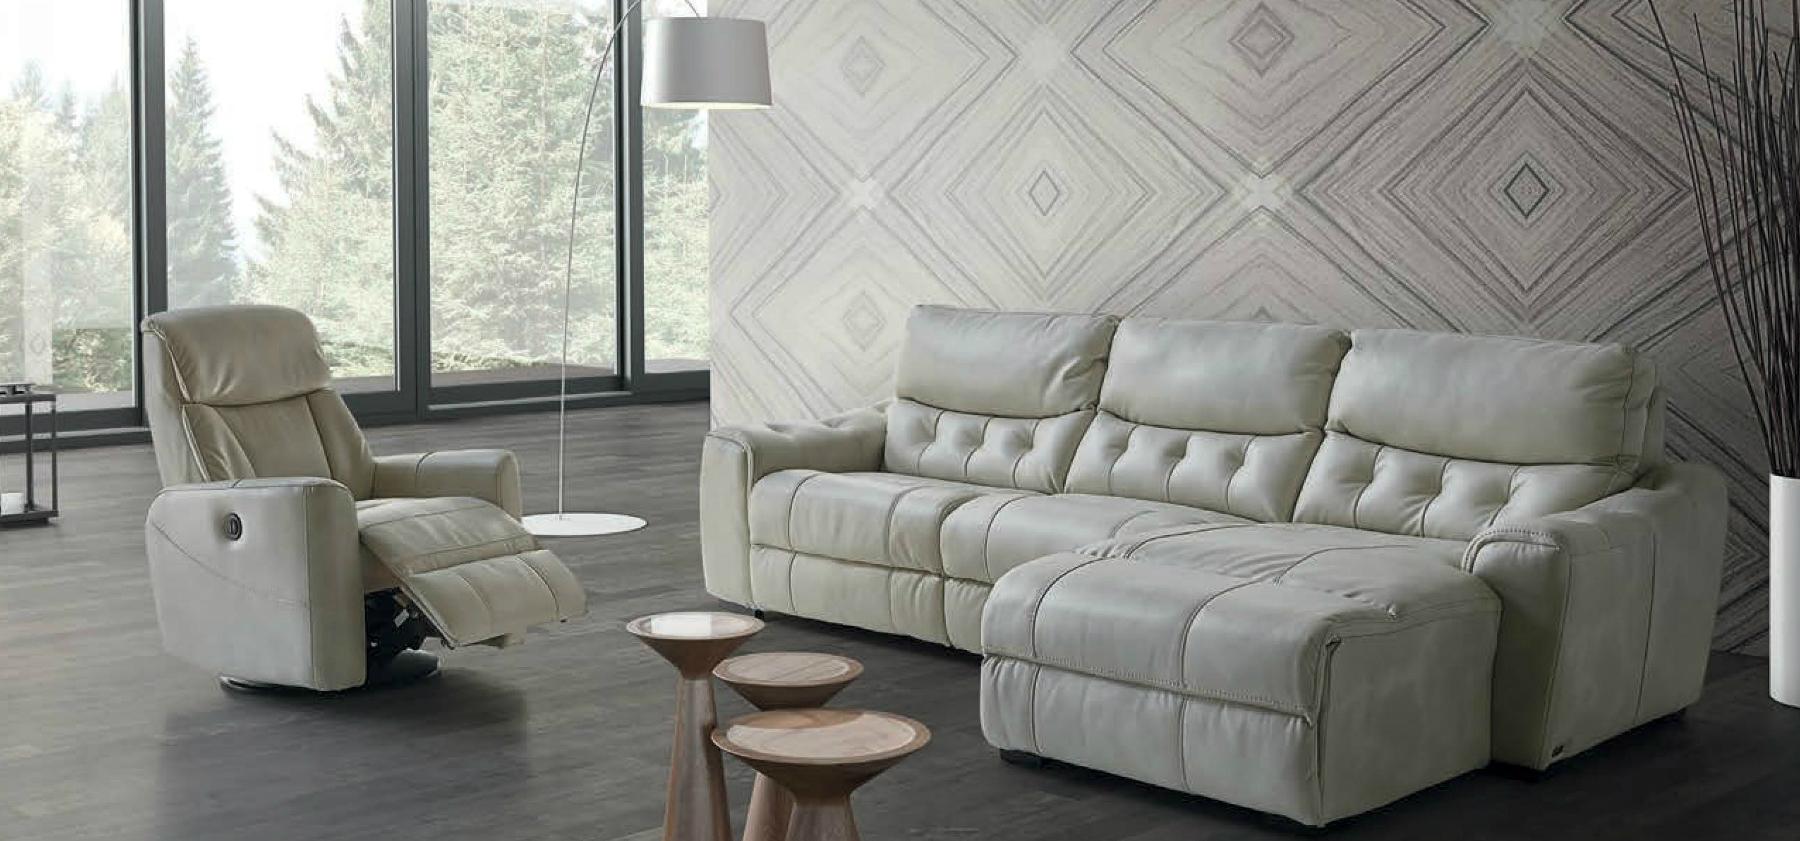 mundo-do-sofa-1005